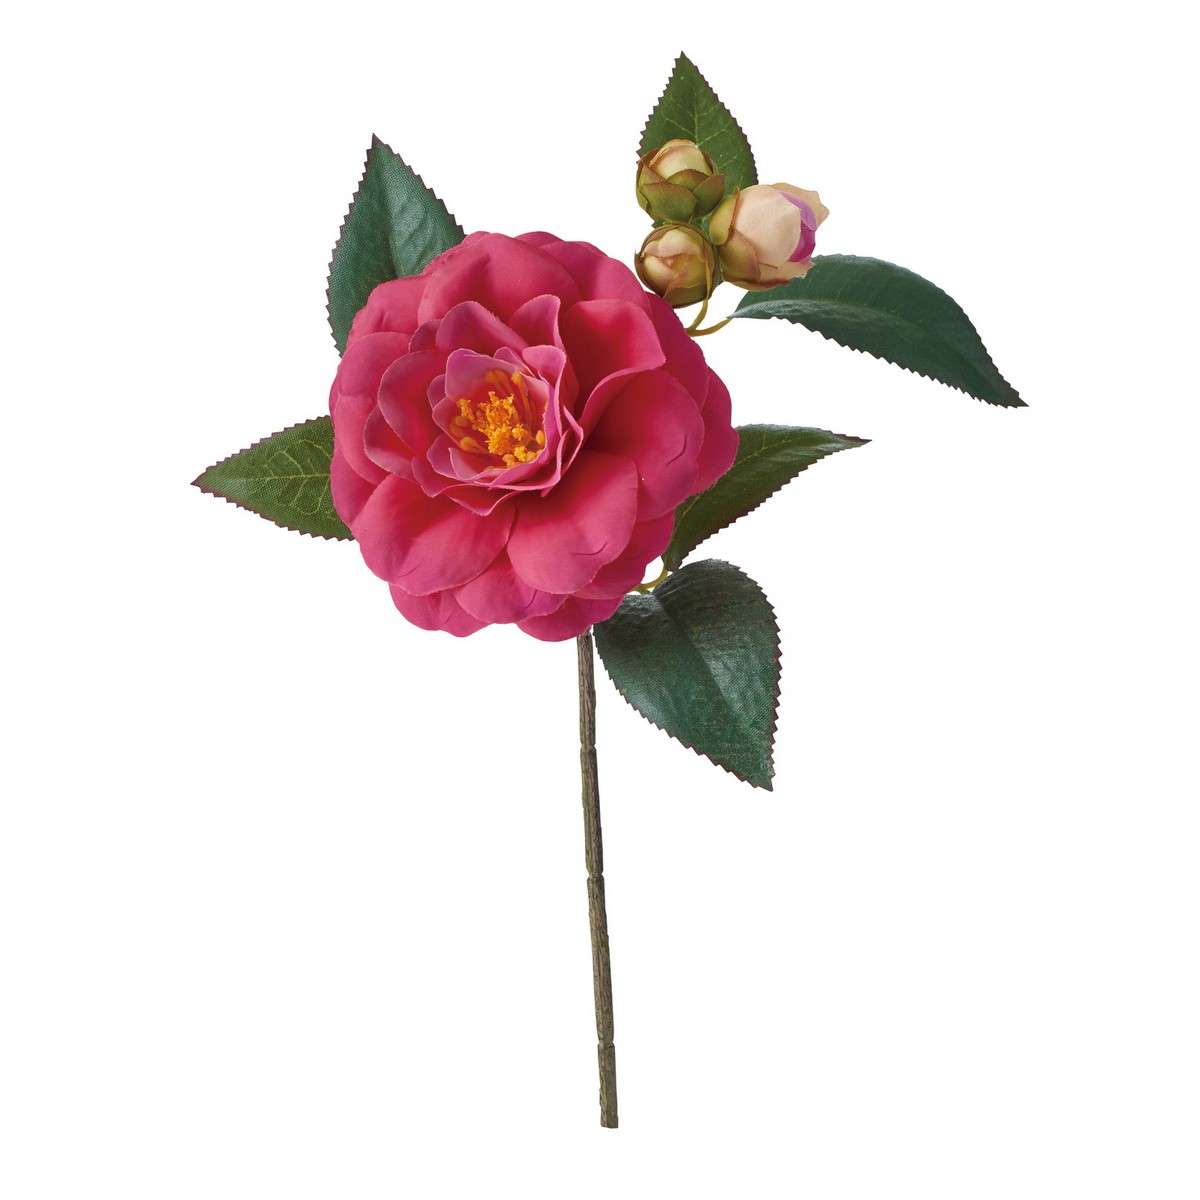 【造花】YDM/カサネツバキショート ビューティー/FS -5182-BTY【01】【取寄】《 造花(アーティフィシャルフラワー) 造花 花材「た行」 ツバキ(椿) 》